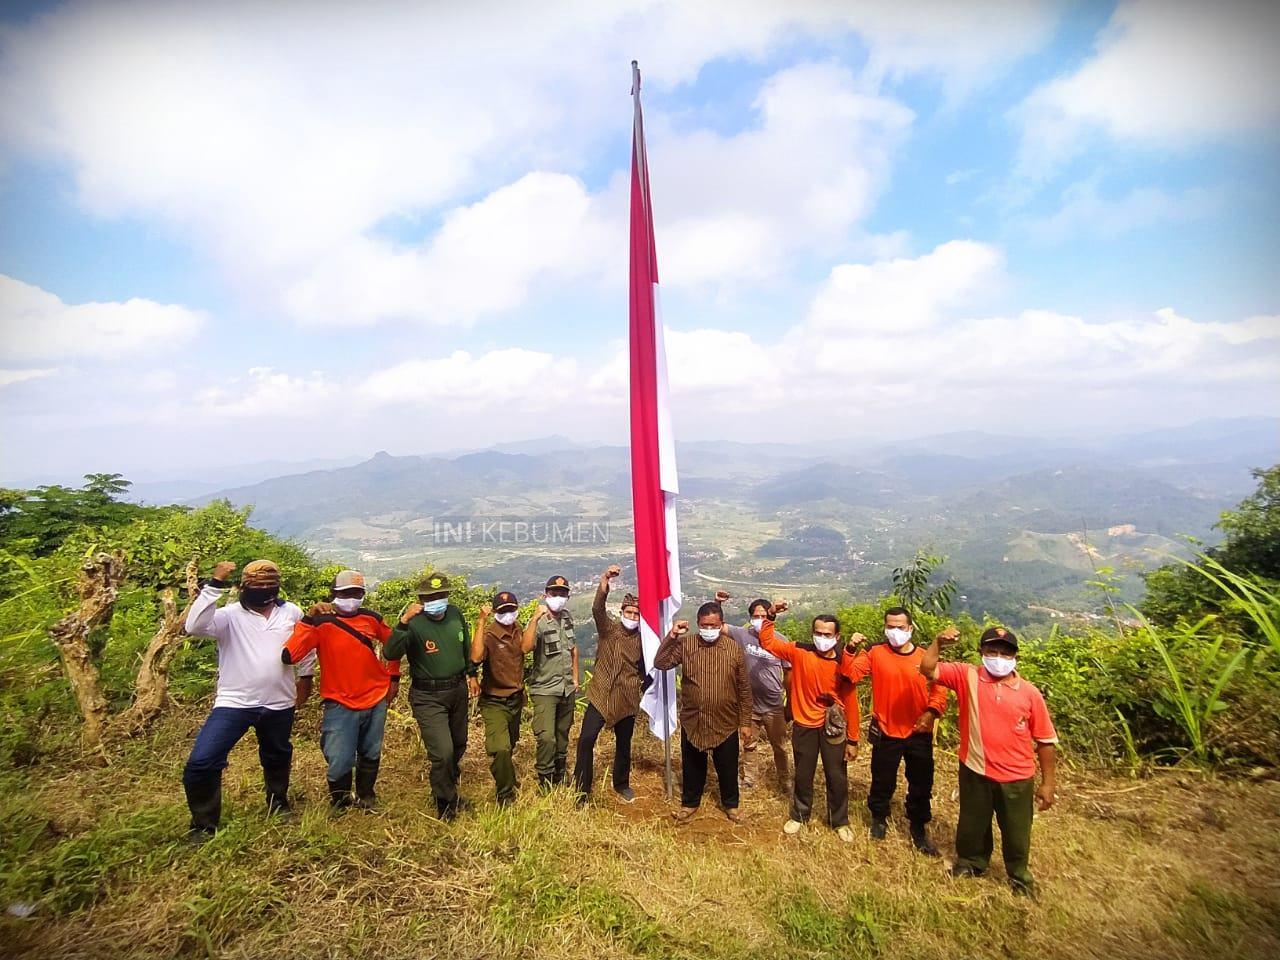 Sambut 17 Agustus, Merah Putih Jumbo Dikibarkan di Puncak Gunung Paras